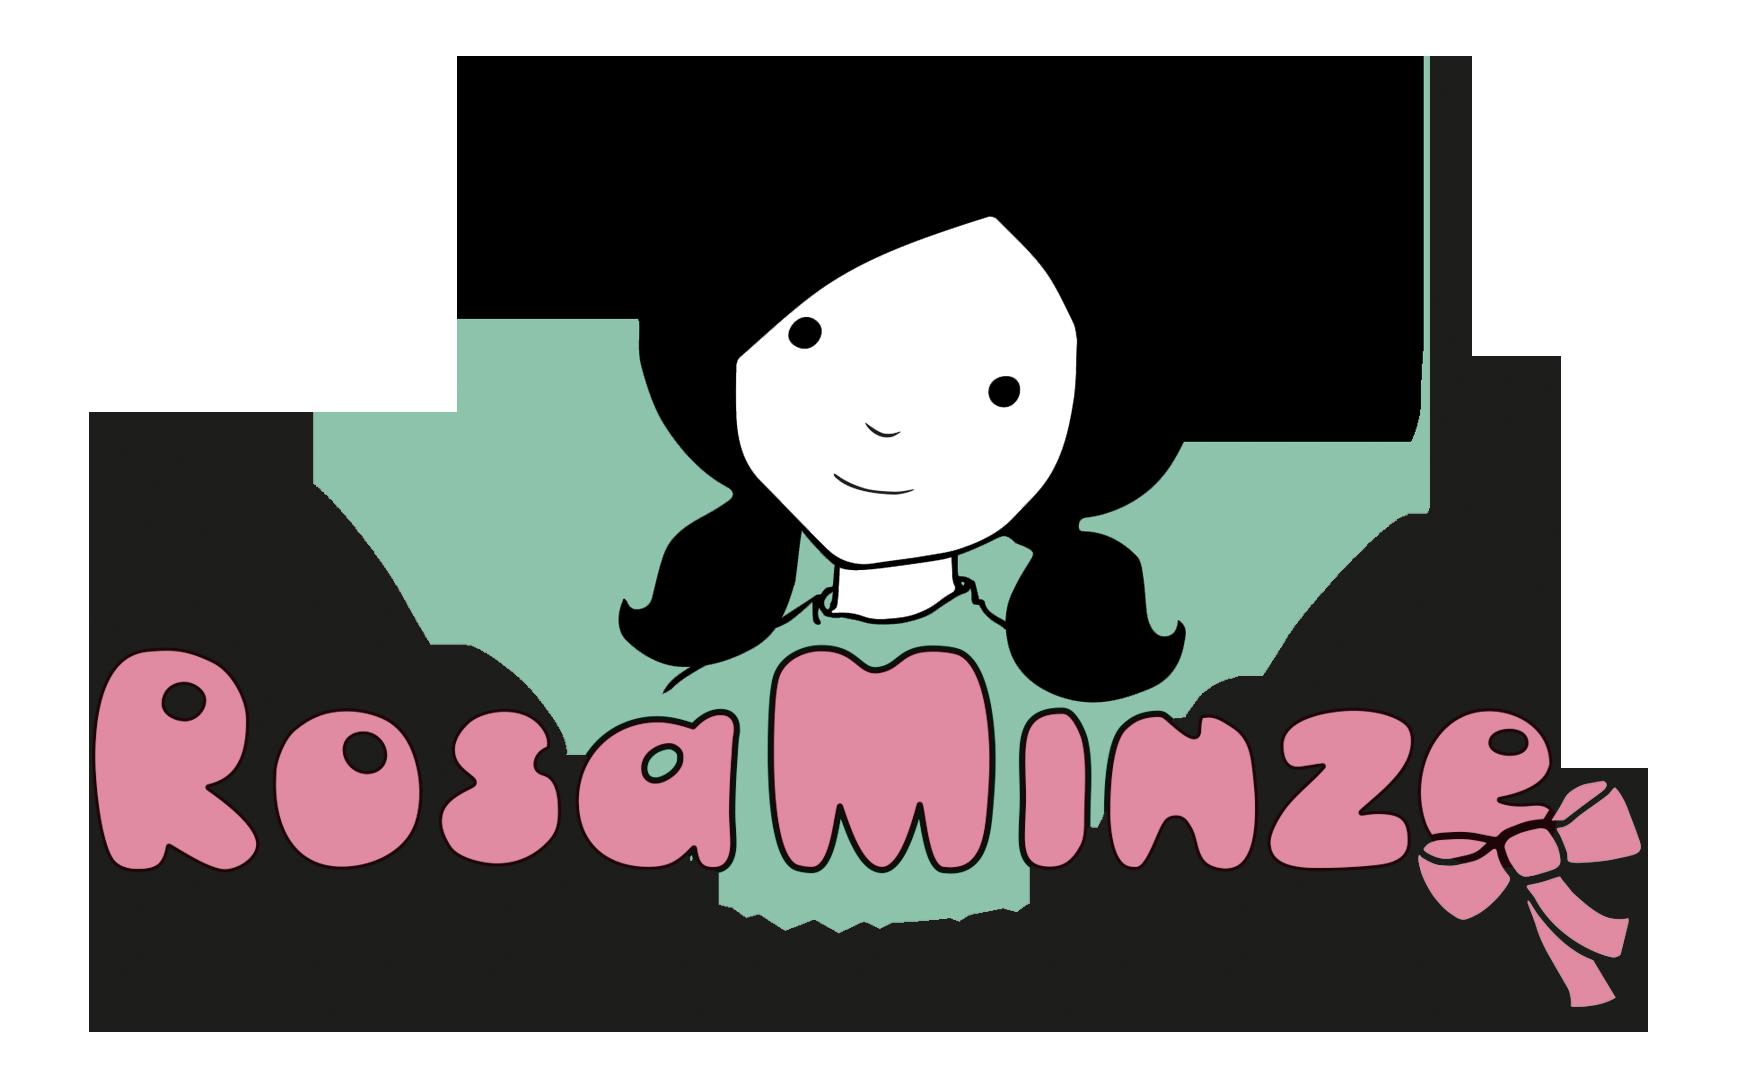 RosaMinze - Handgemachte Puppen nach Waldorf Art